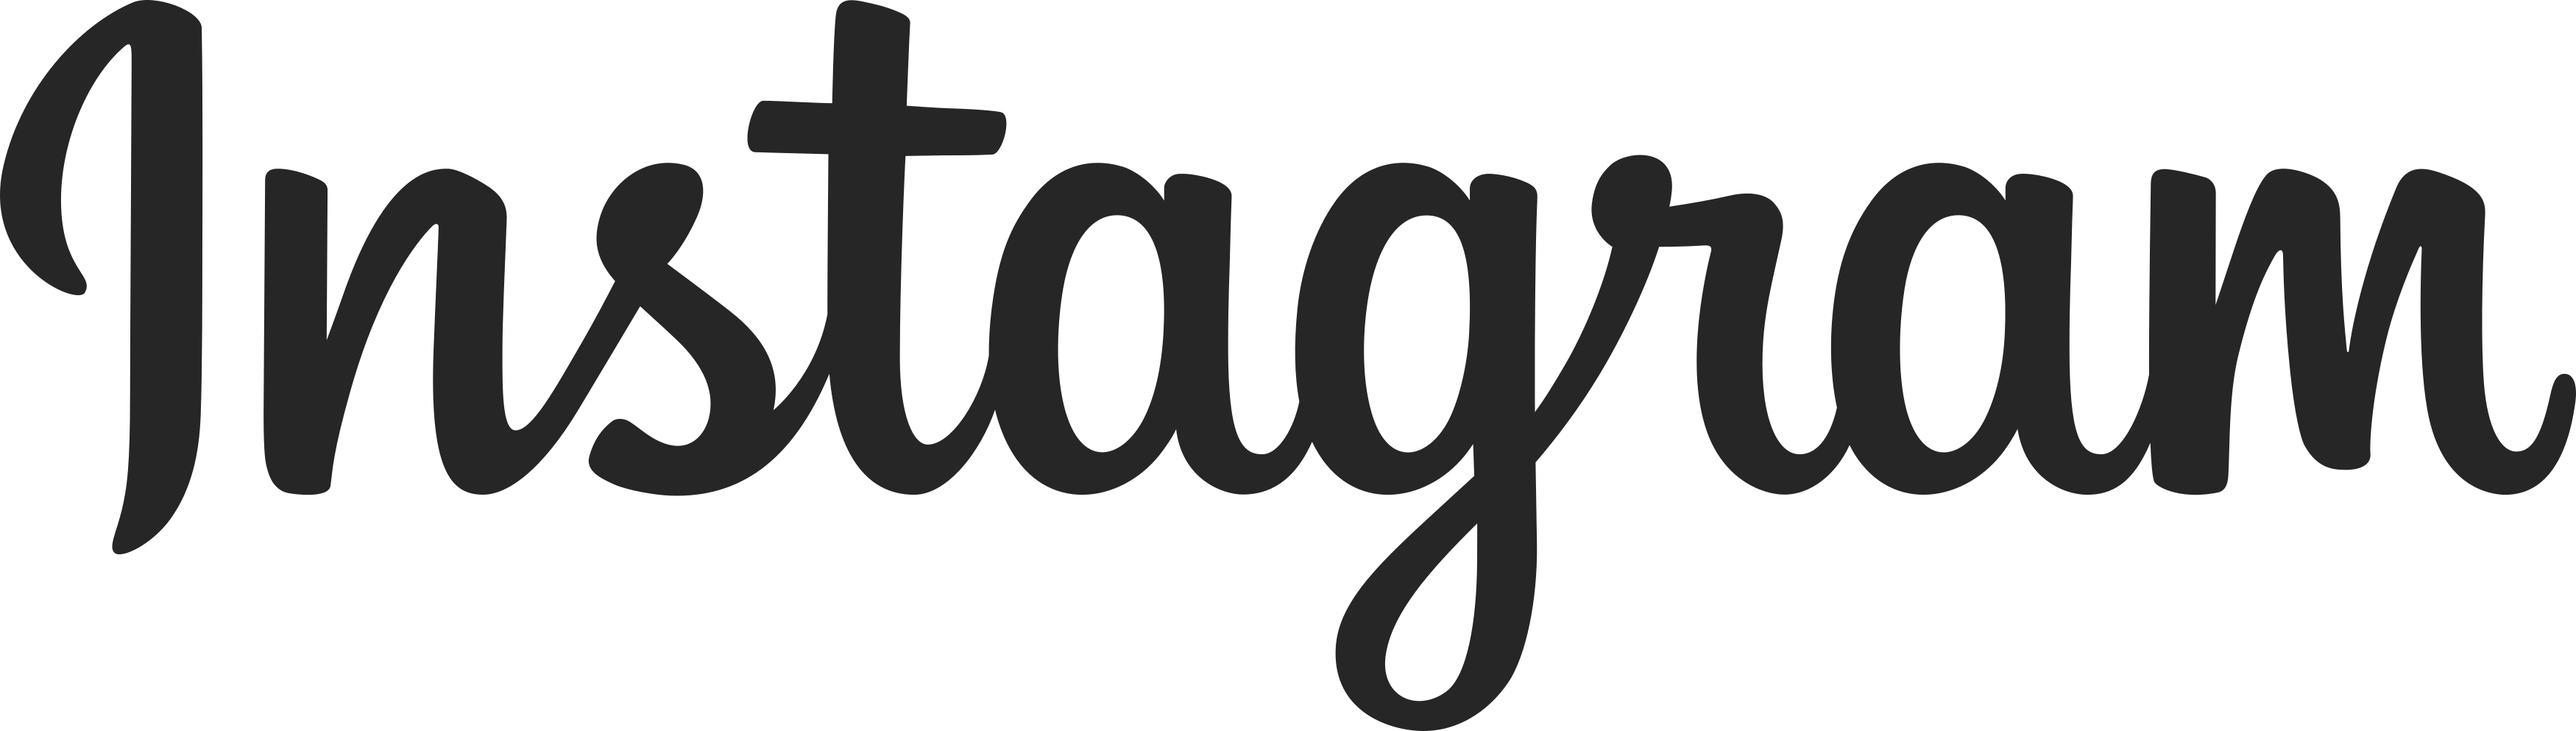 instagram logo 1 - Instagram Logo